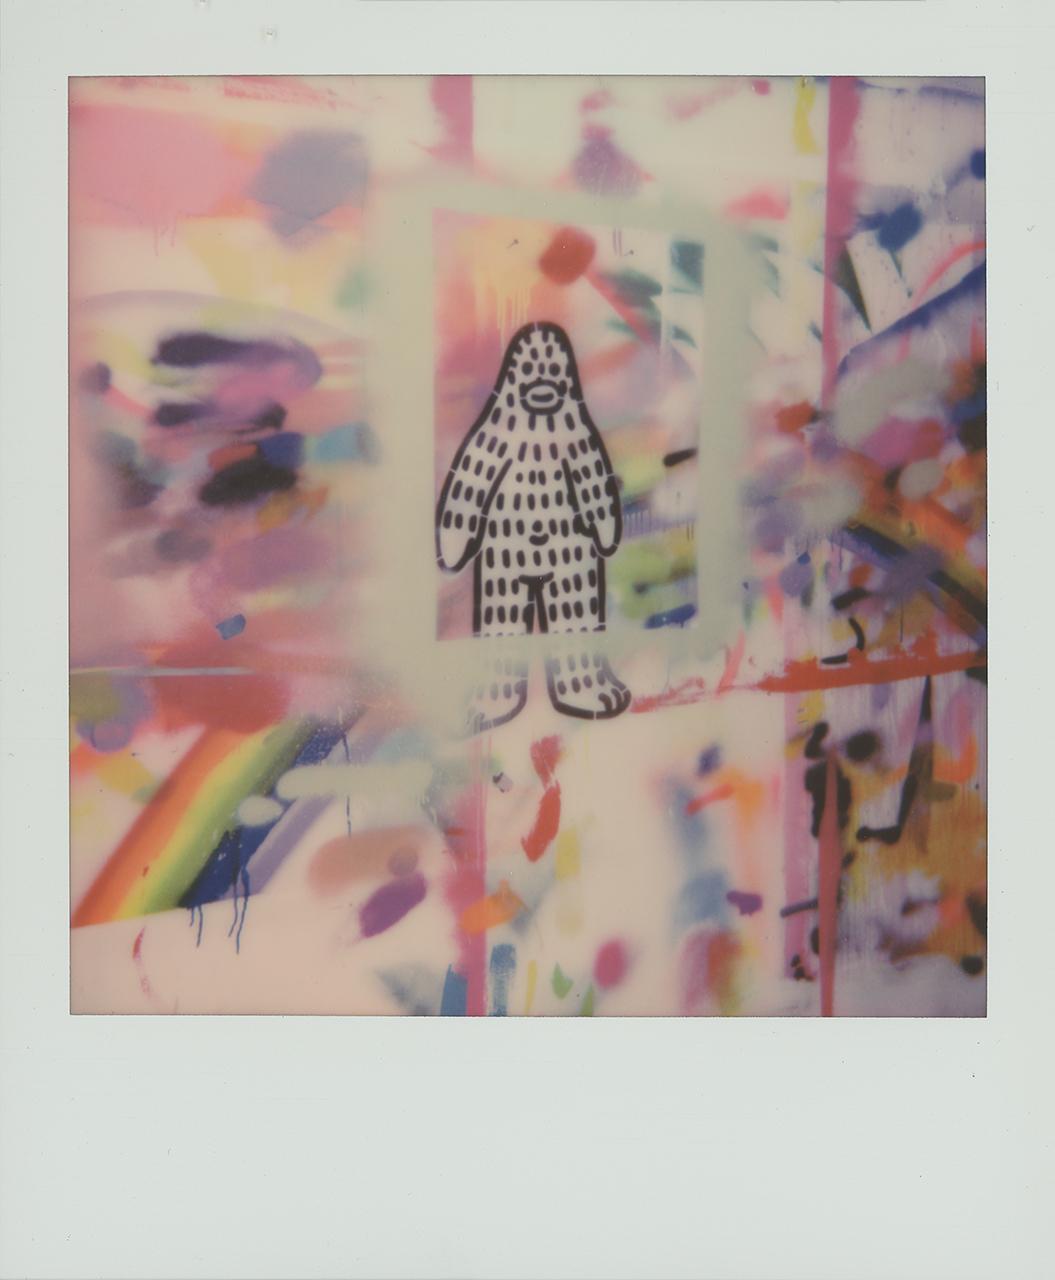 Frank Ape on Polaroid 600 film